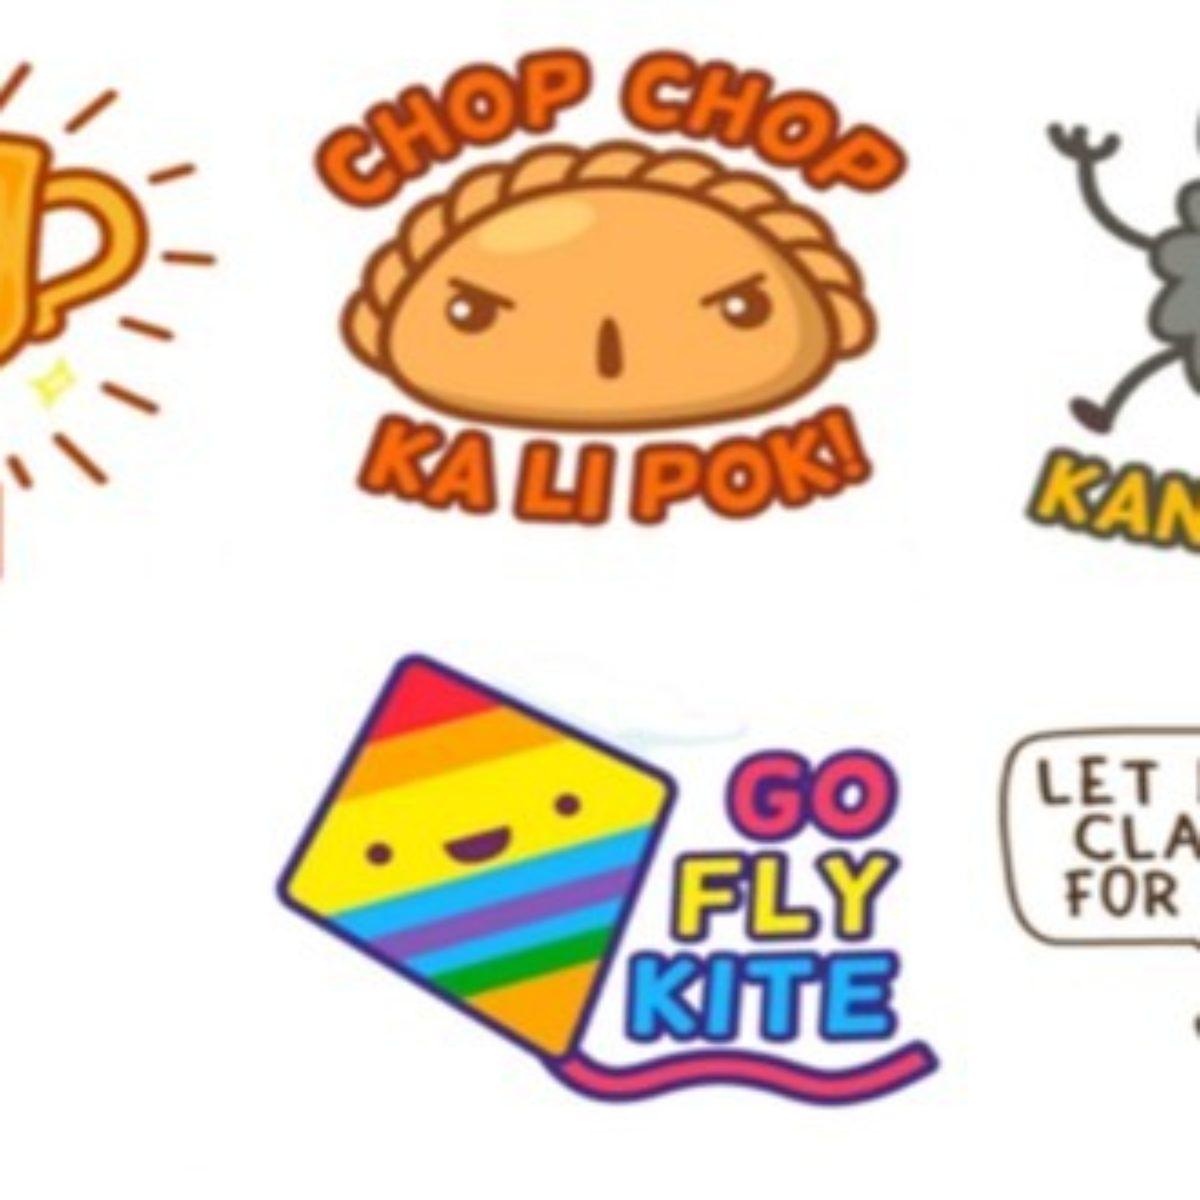 10 Unmistakably Singaporean Telegram Sticker Packs That Are Better